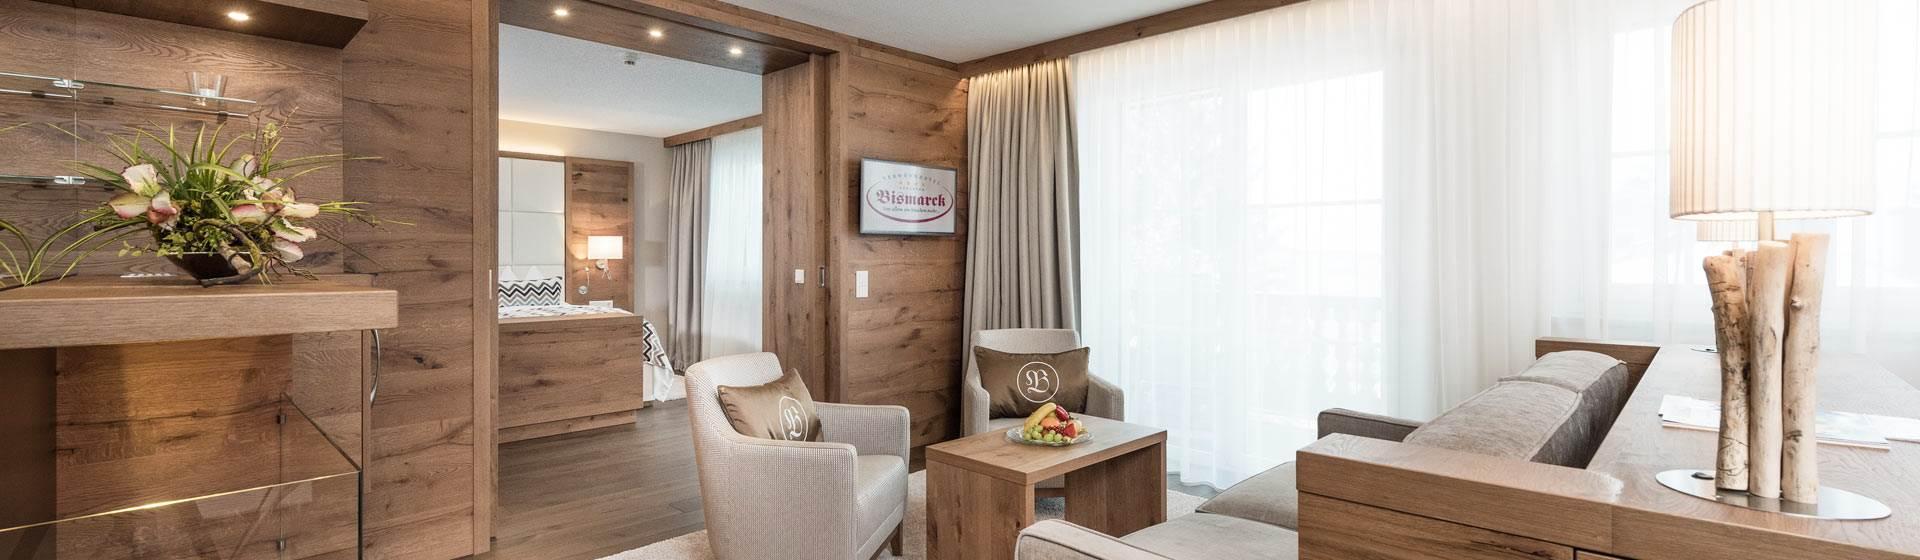 Große Hotelsuite in moderner Holzoptik